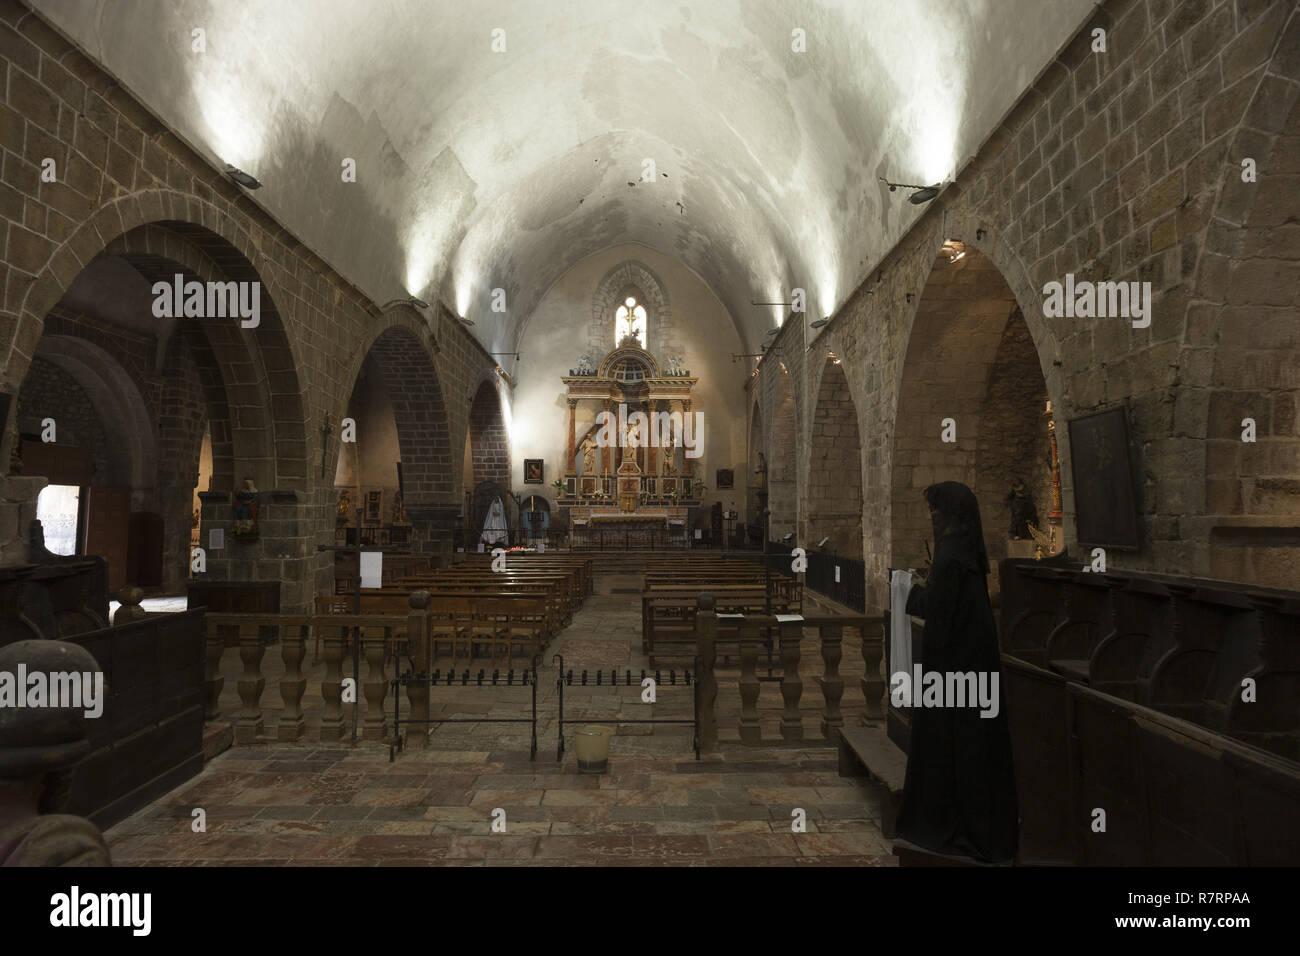 Villefranche-de-Conflent, The parish church (Église Saint-Jacques) The nave. 12th - 13th century. Hauptschiff nach Osten - Stock Image